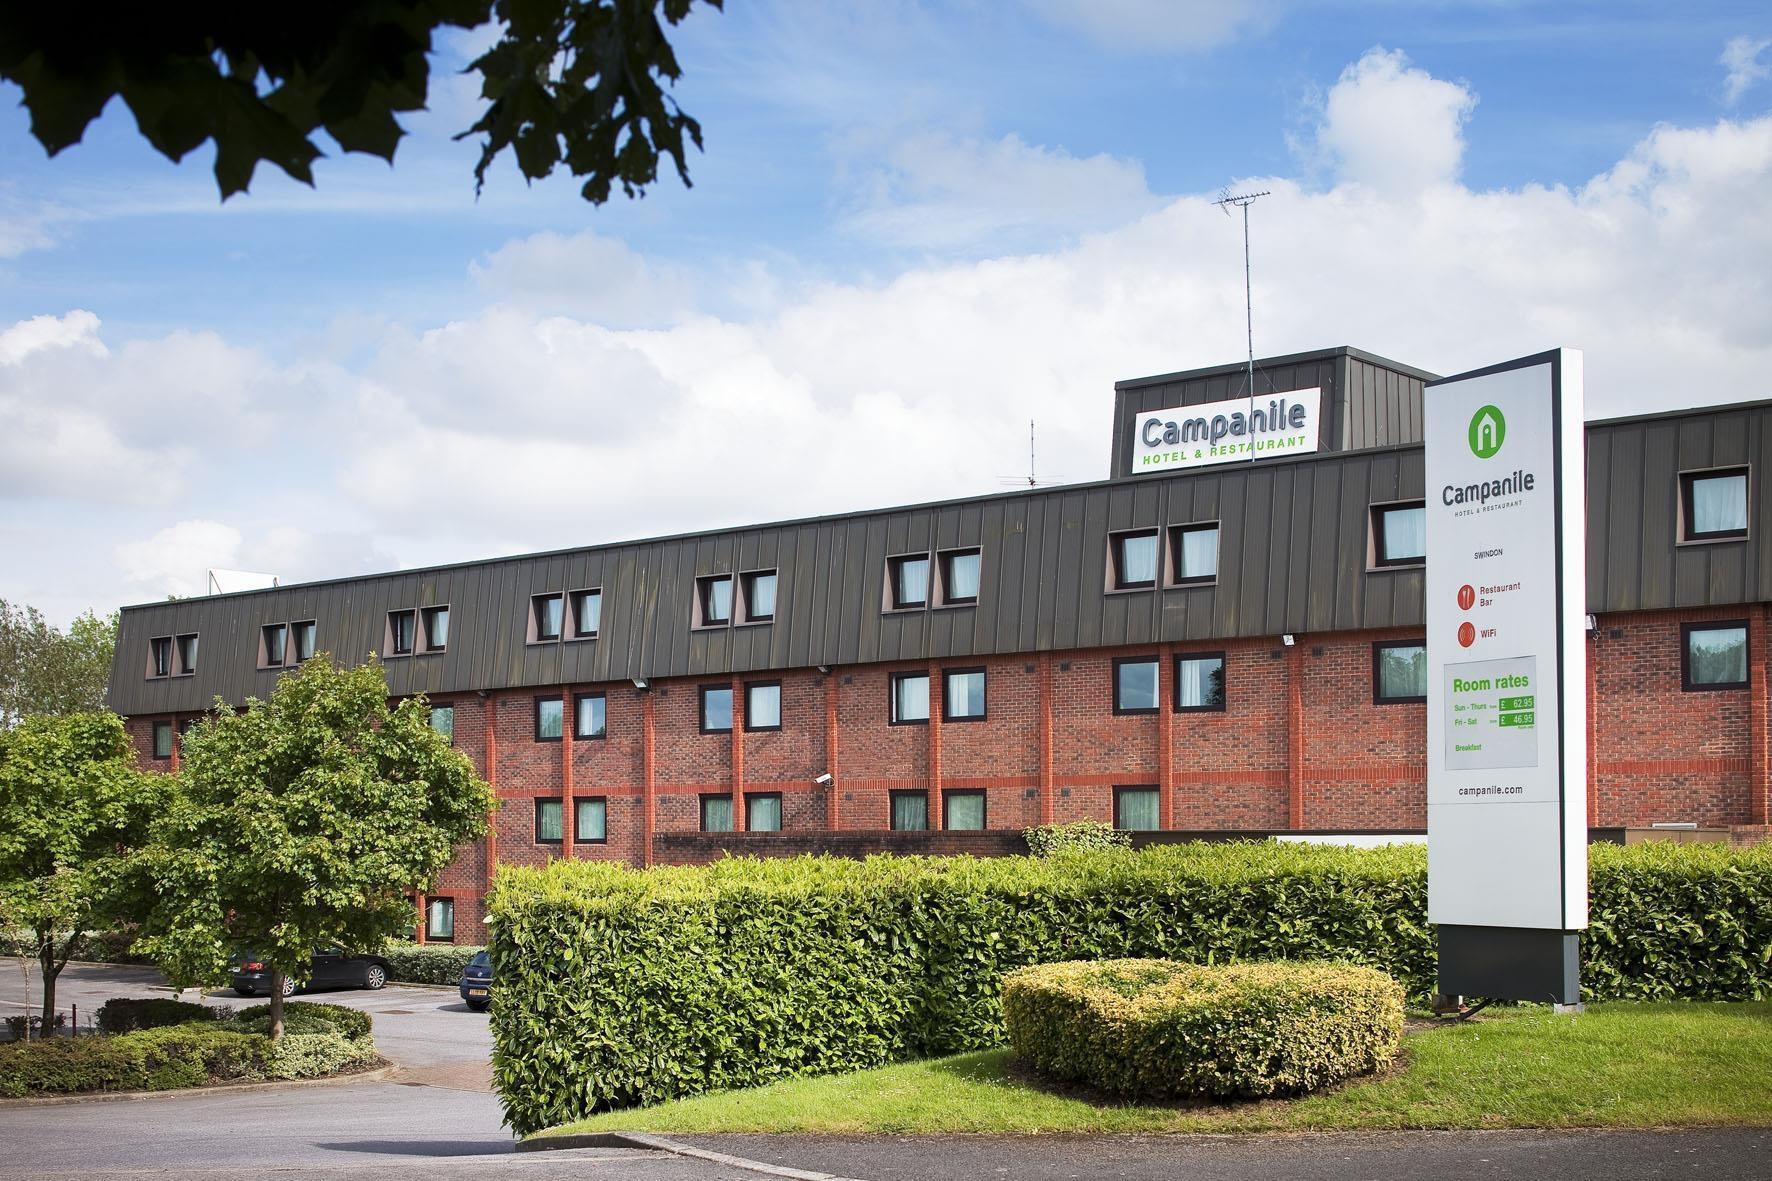 Campanile Hotel Swindon